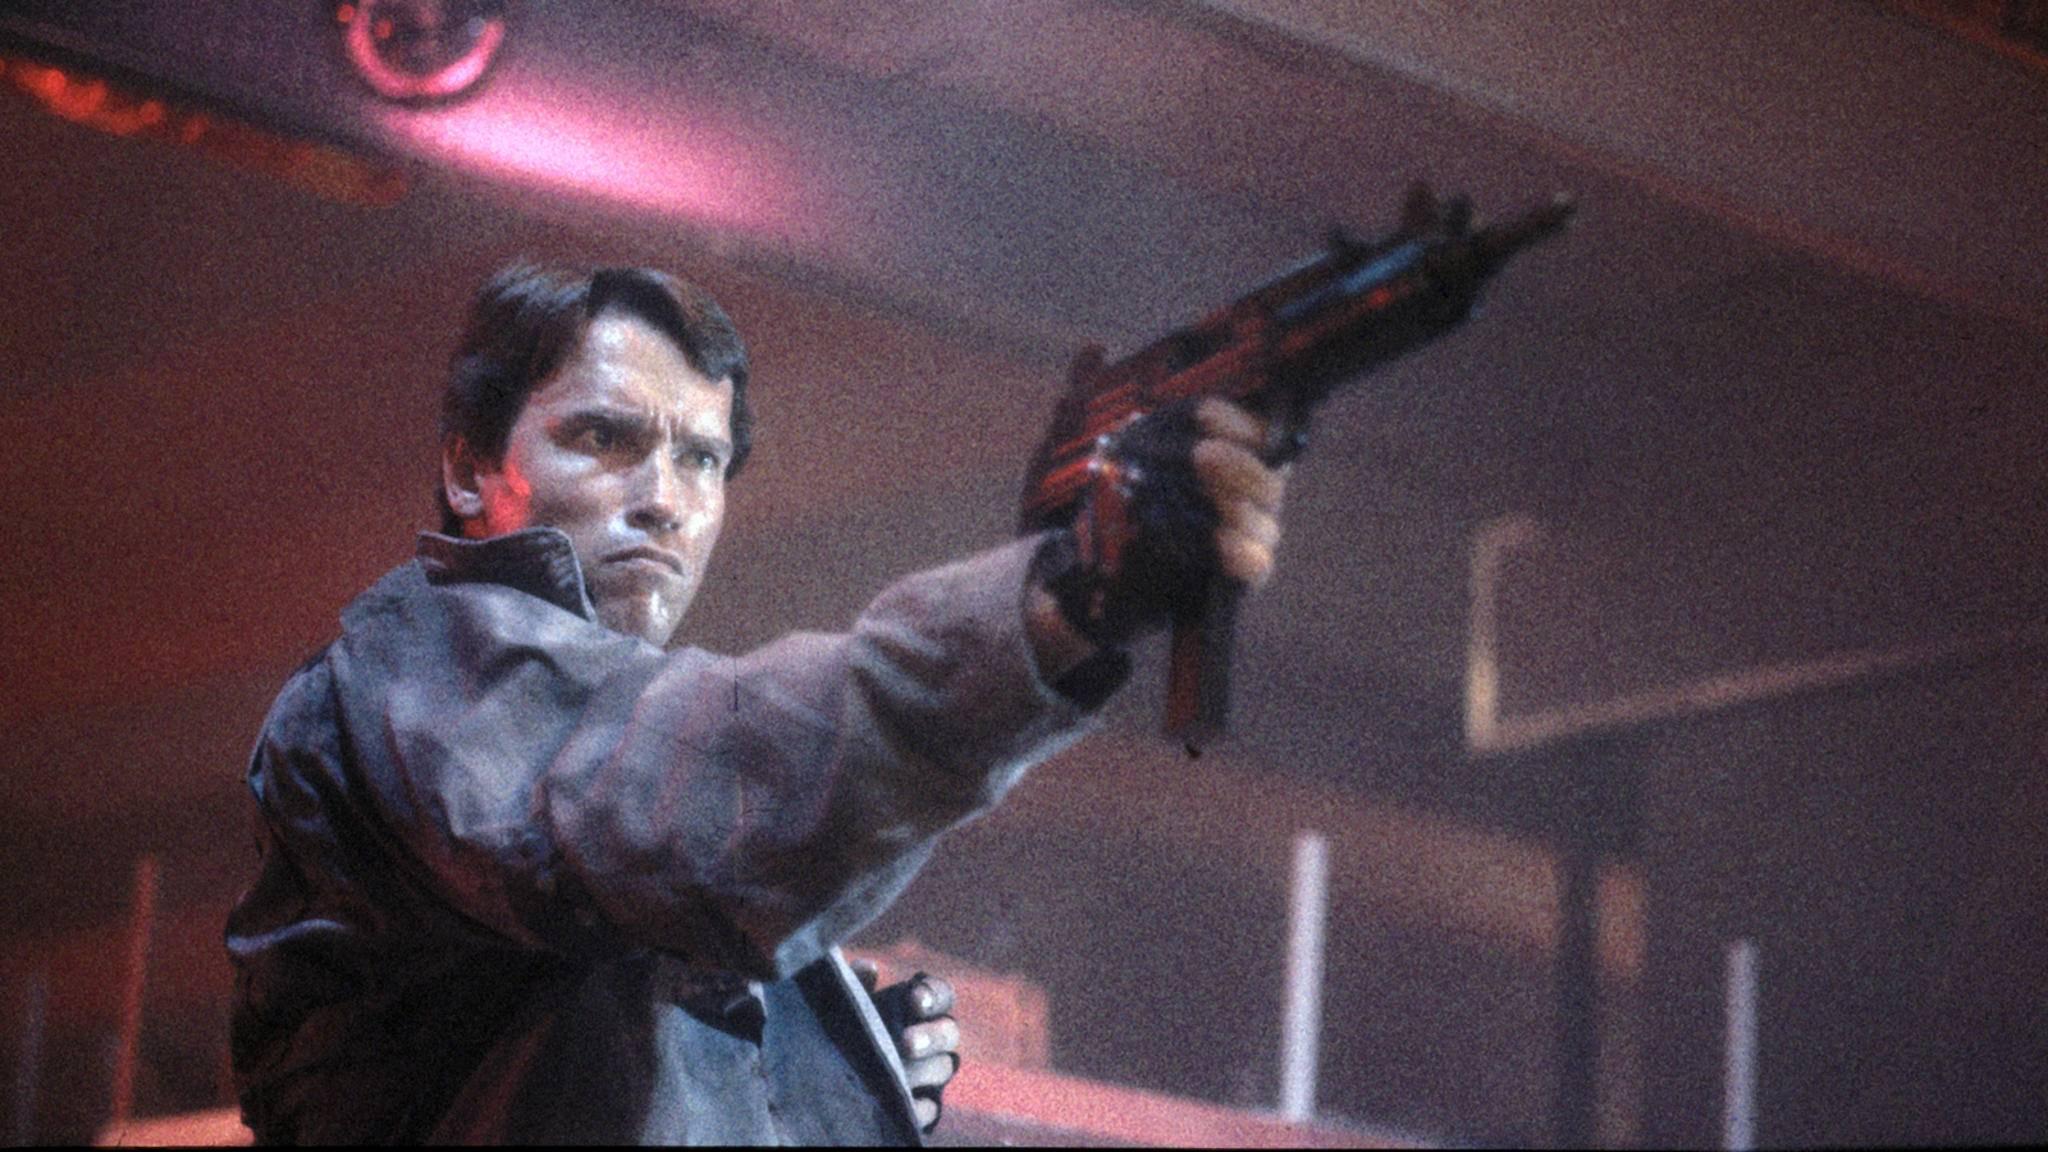 Arnie zieht in seinem kommenden Actioner ins Weiße Haus.